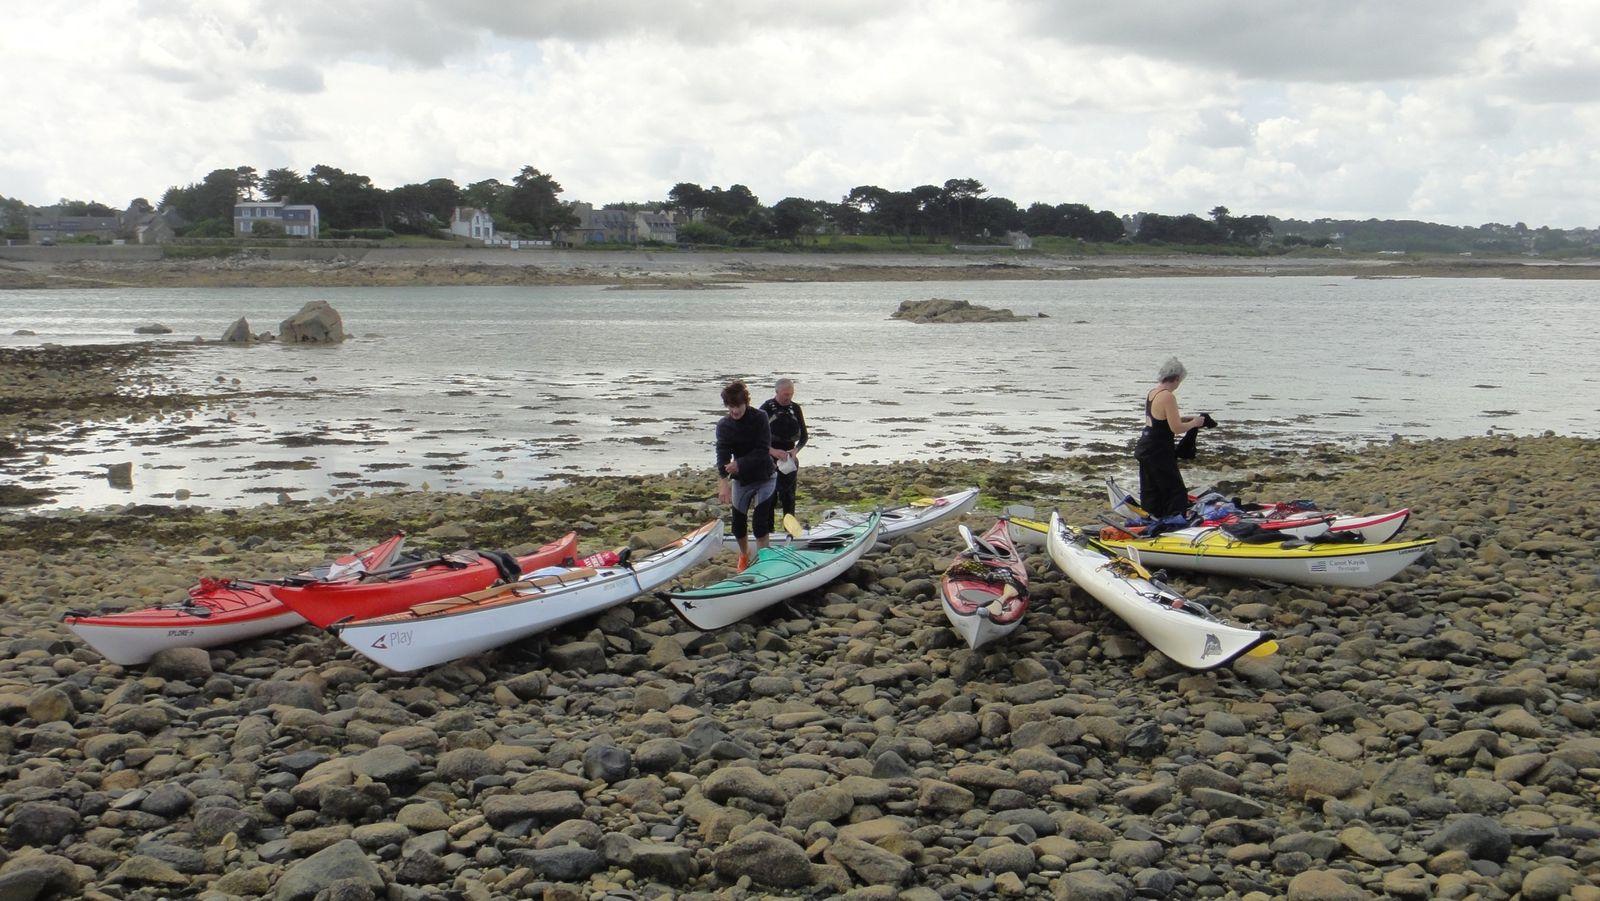 Rando kayak de Port l'Epine à l'anse de Gouermel  - 30 juin 2012